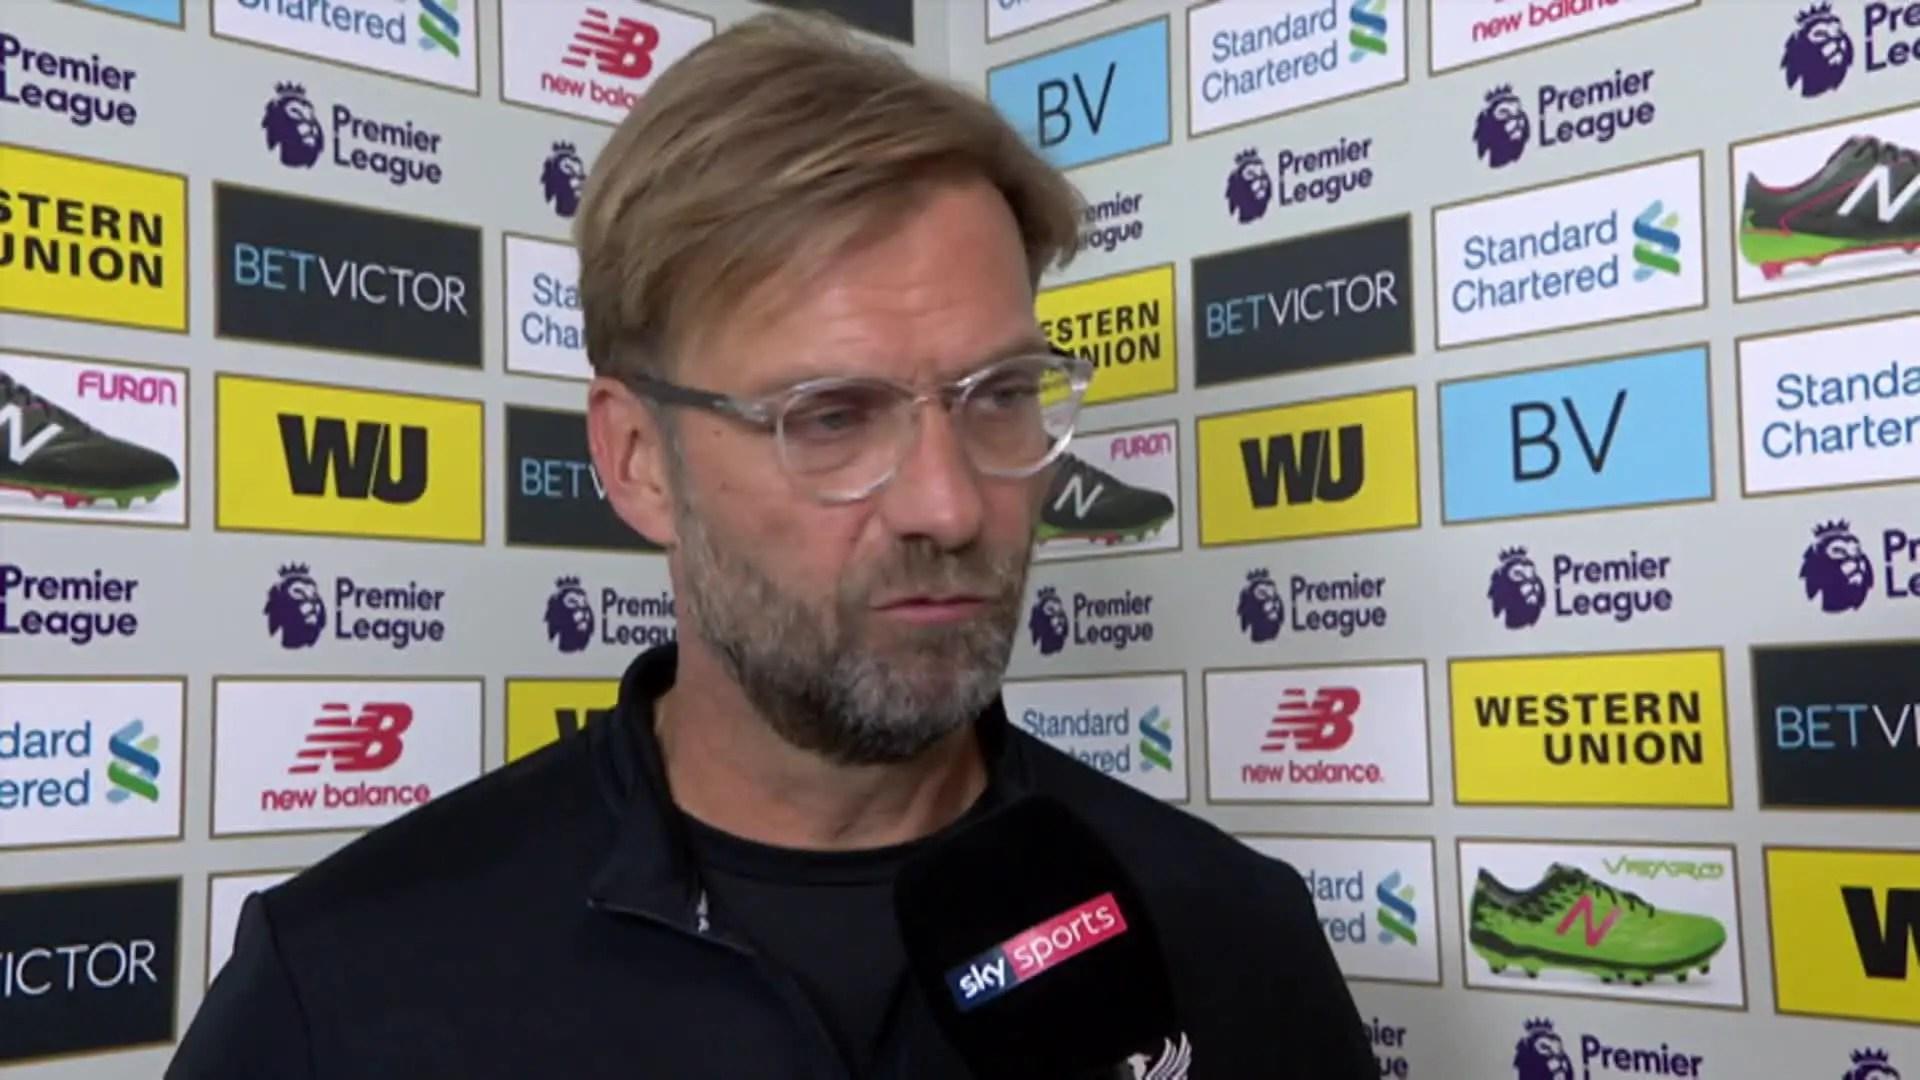 Video: Jurgen Klopp speaks after Swansea loss